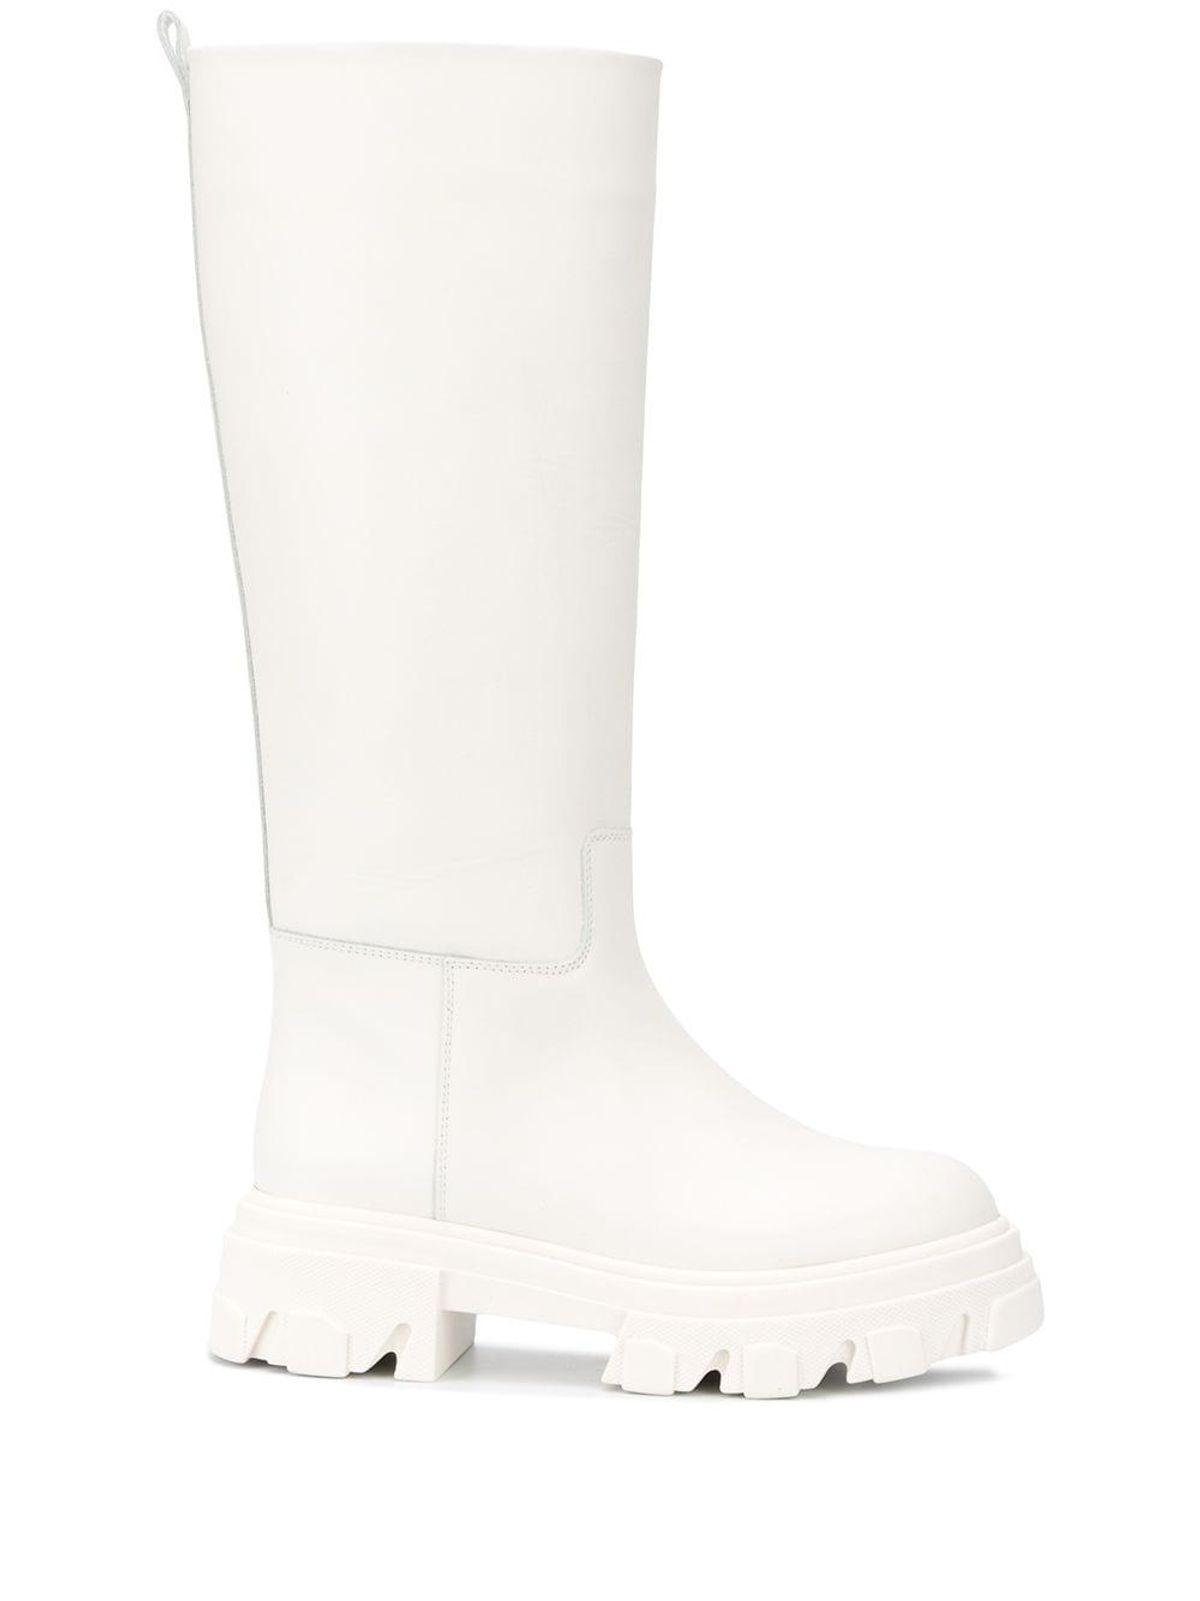 gia couture x pernille teisbaek tubular boots